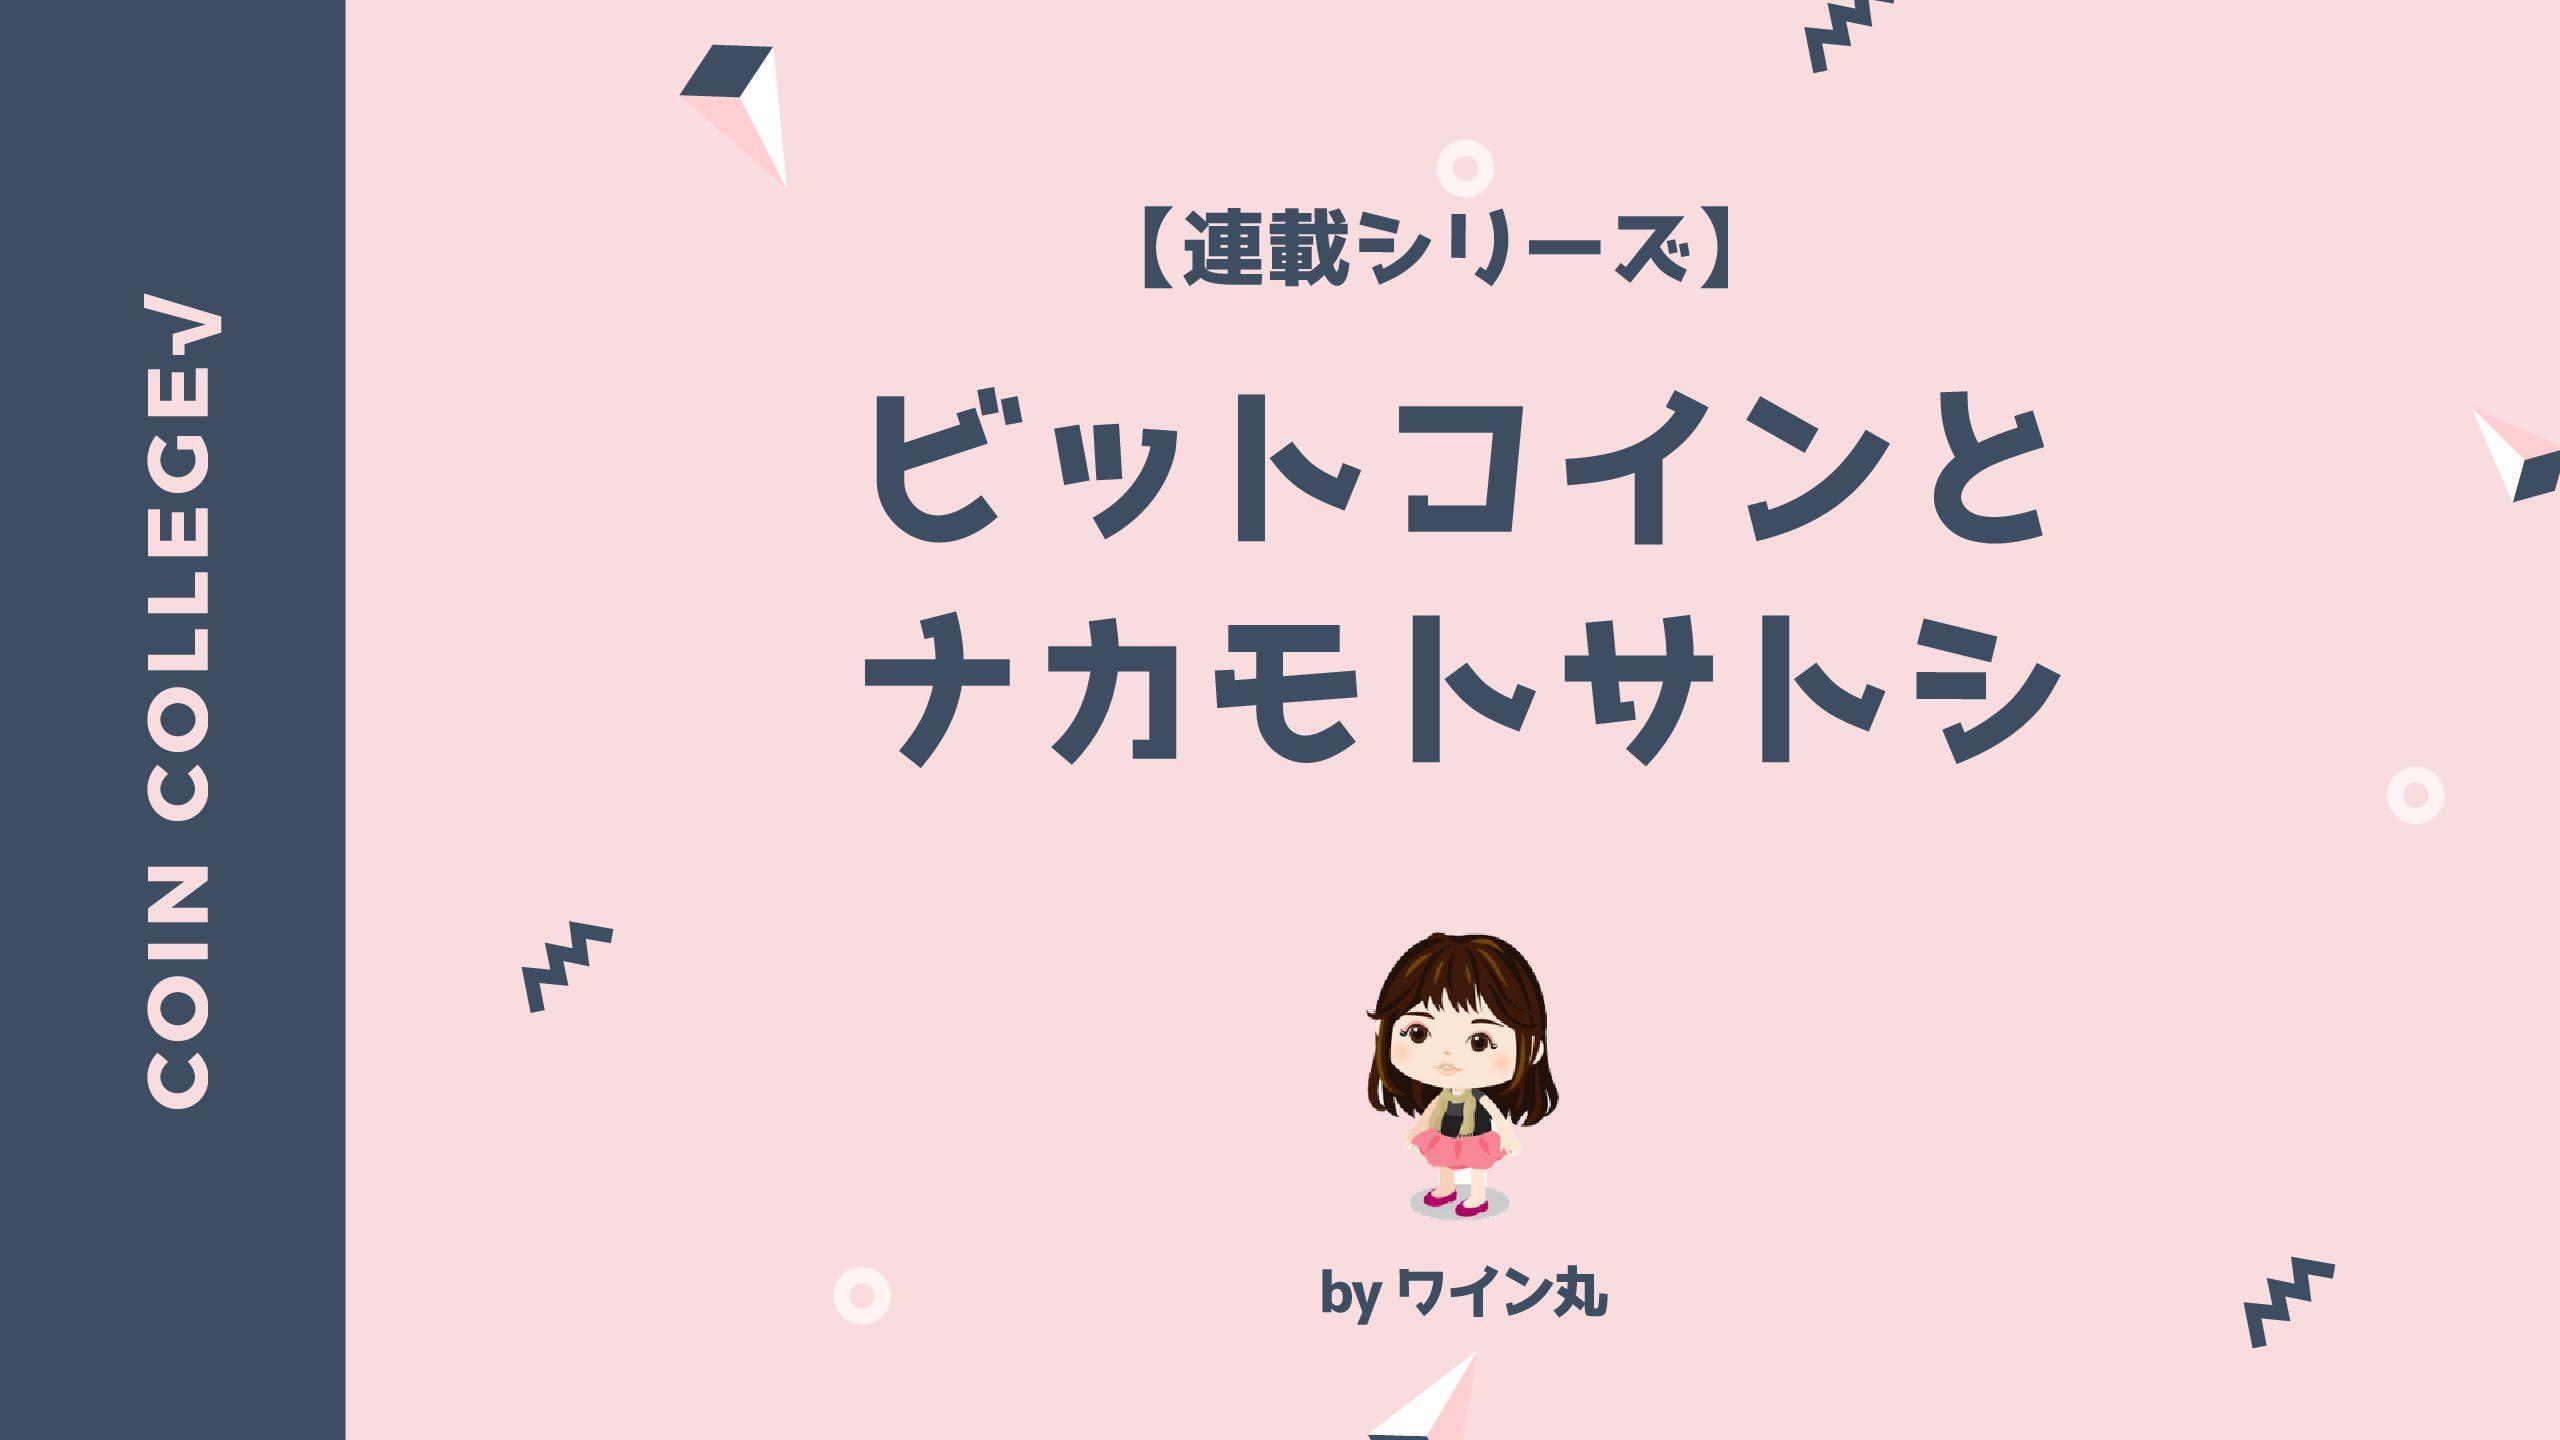 【連載】ビットコインとナカモト・サトシ